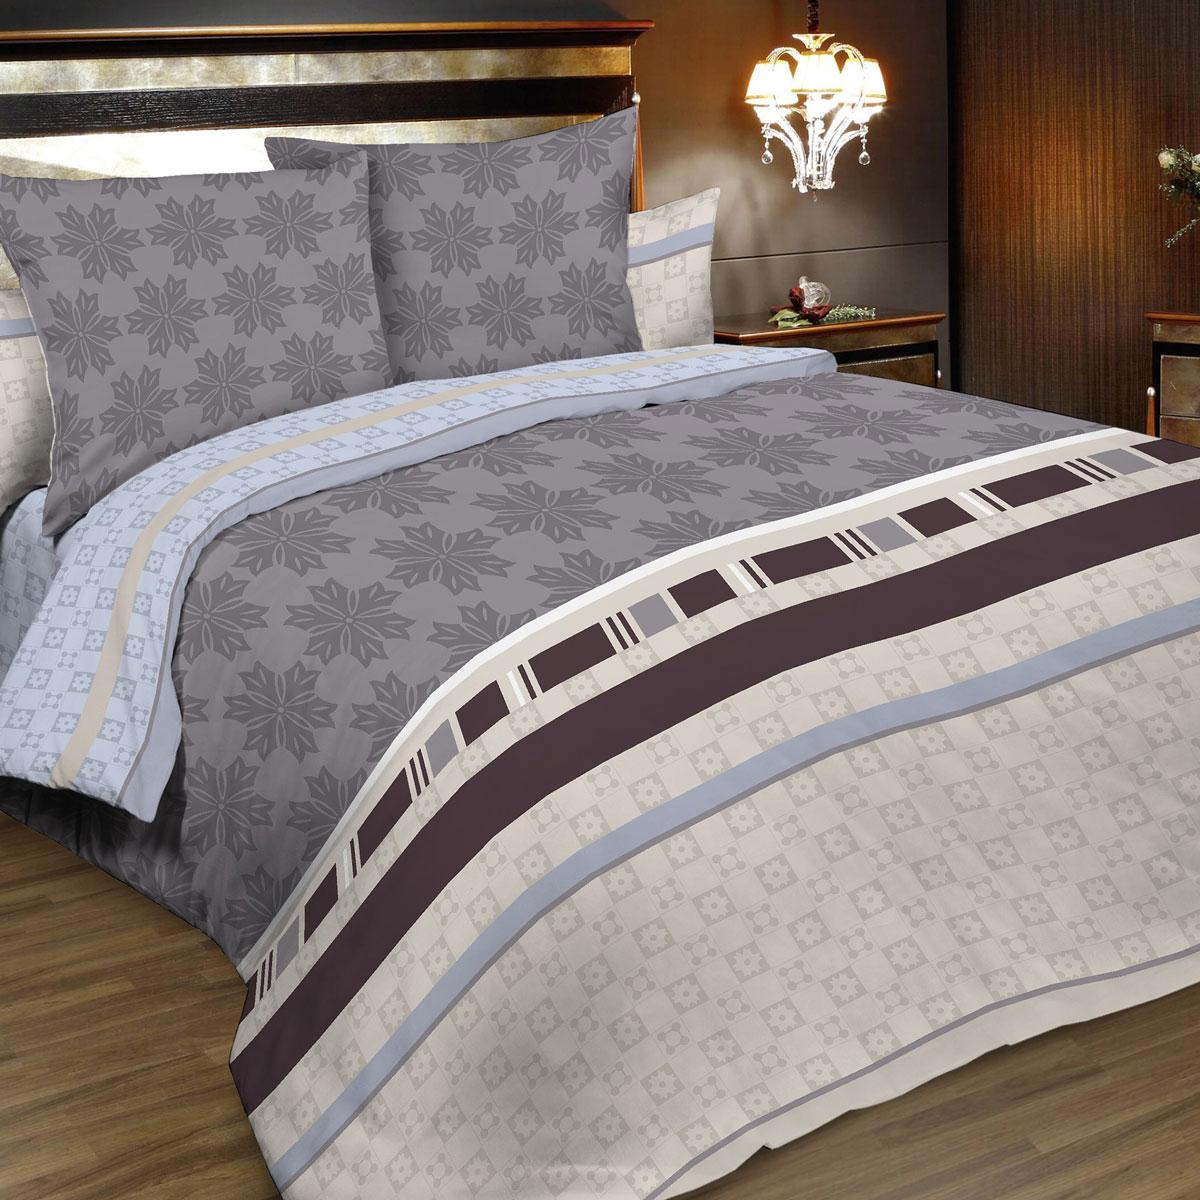 Комплект белья Letto, 1,5-спальный, наволочки 70х70. B180-3B180-3Комплект постельного белья Letto выполнен из классической российской бязи (хлопка). Комплект состоит из пододеяльника, простыни и двух наволочек.Постельное белье, оформленное оригинальным рисунком, имеет изысканный внешний вид. Пододеяльник снабжен молнией.Благодаря такому комплекту постельного белья вы сможете создать атмосферу роскоши и романтики в вашей спальне. Уважаемые клиенты! Обращаем ваше внимание на тот факт, что расцветка наволочек может отличаться от представленной на фото.